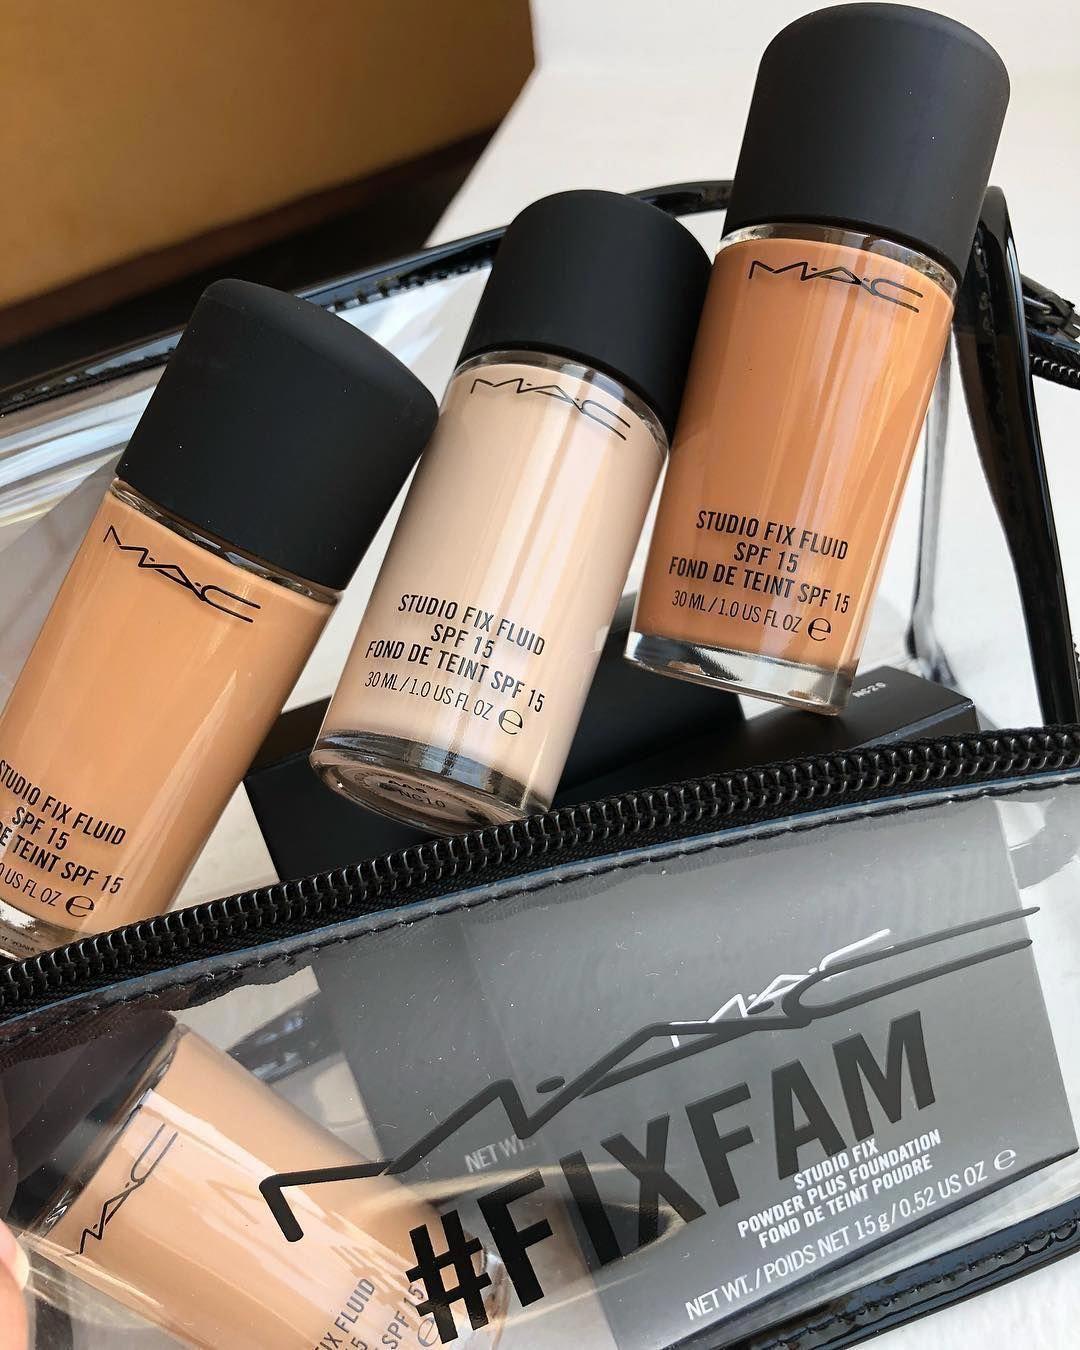 This is amazing! macmakeupcollection Mac makeup, Mac